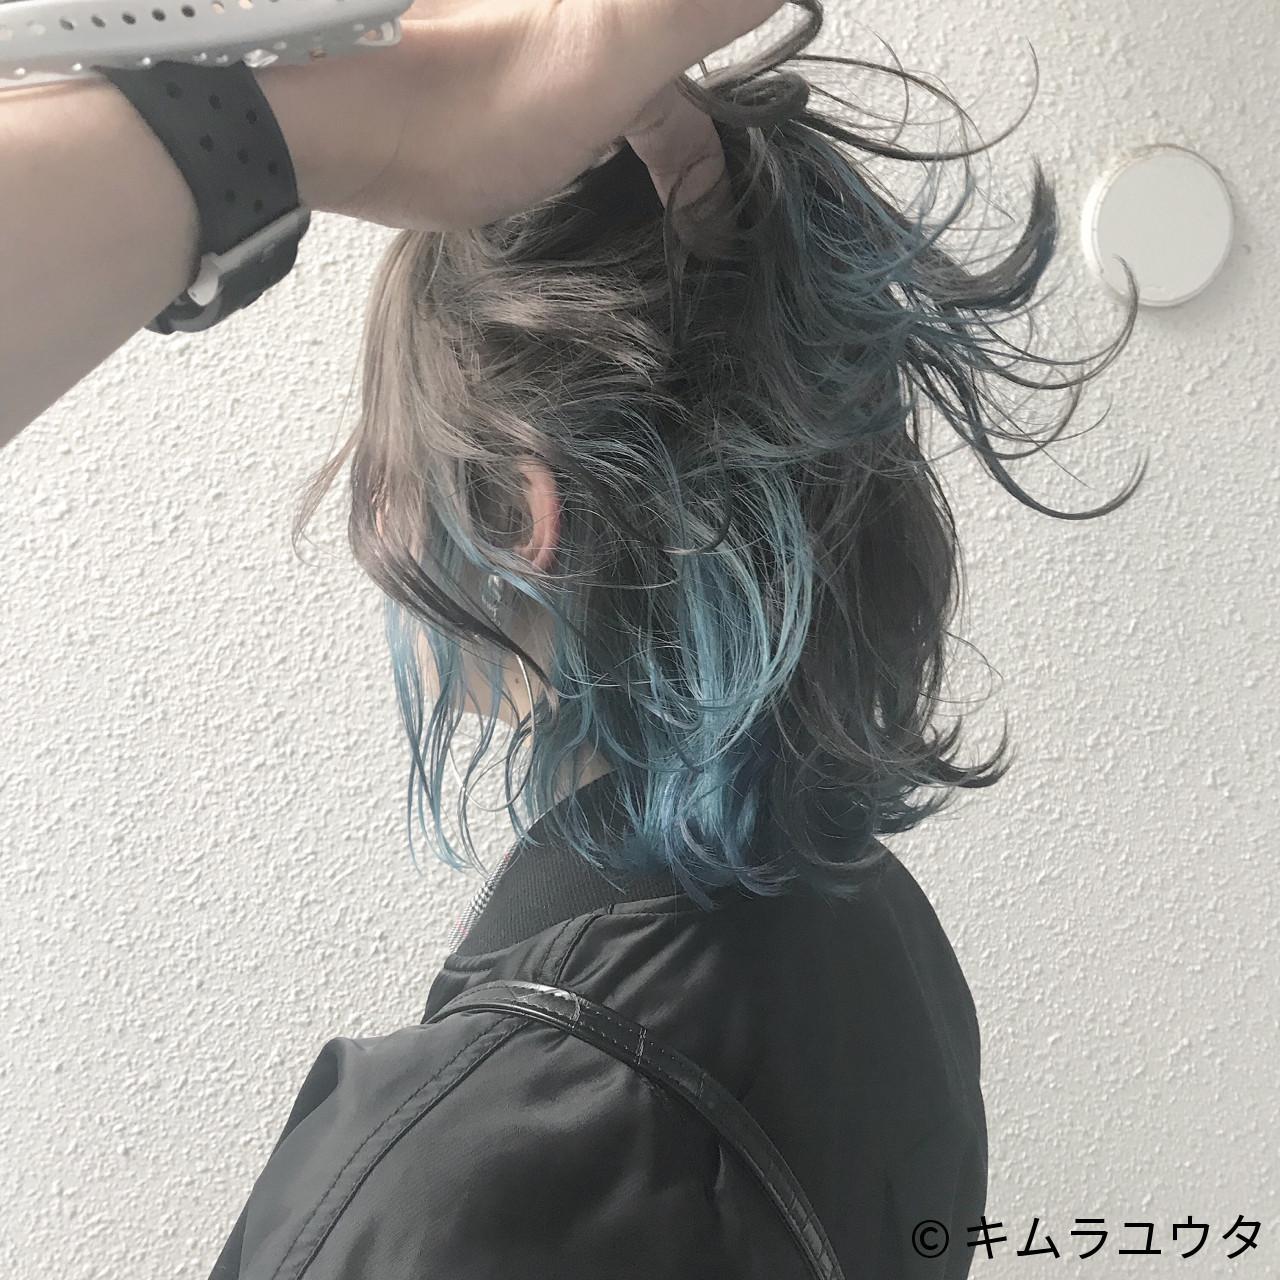 43b96d7195b42 青系のインナーカラーは、色味をおさえた明るめのアッシュカラーの髪に合わせてとことんおしゃれなヘアスタイルにするのもかわいいです♪青系カラーはとくにブルべさん  ...